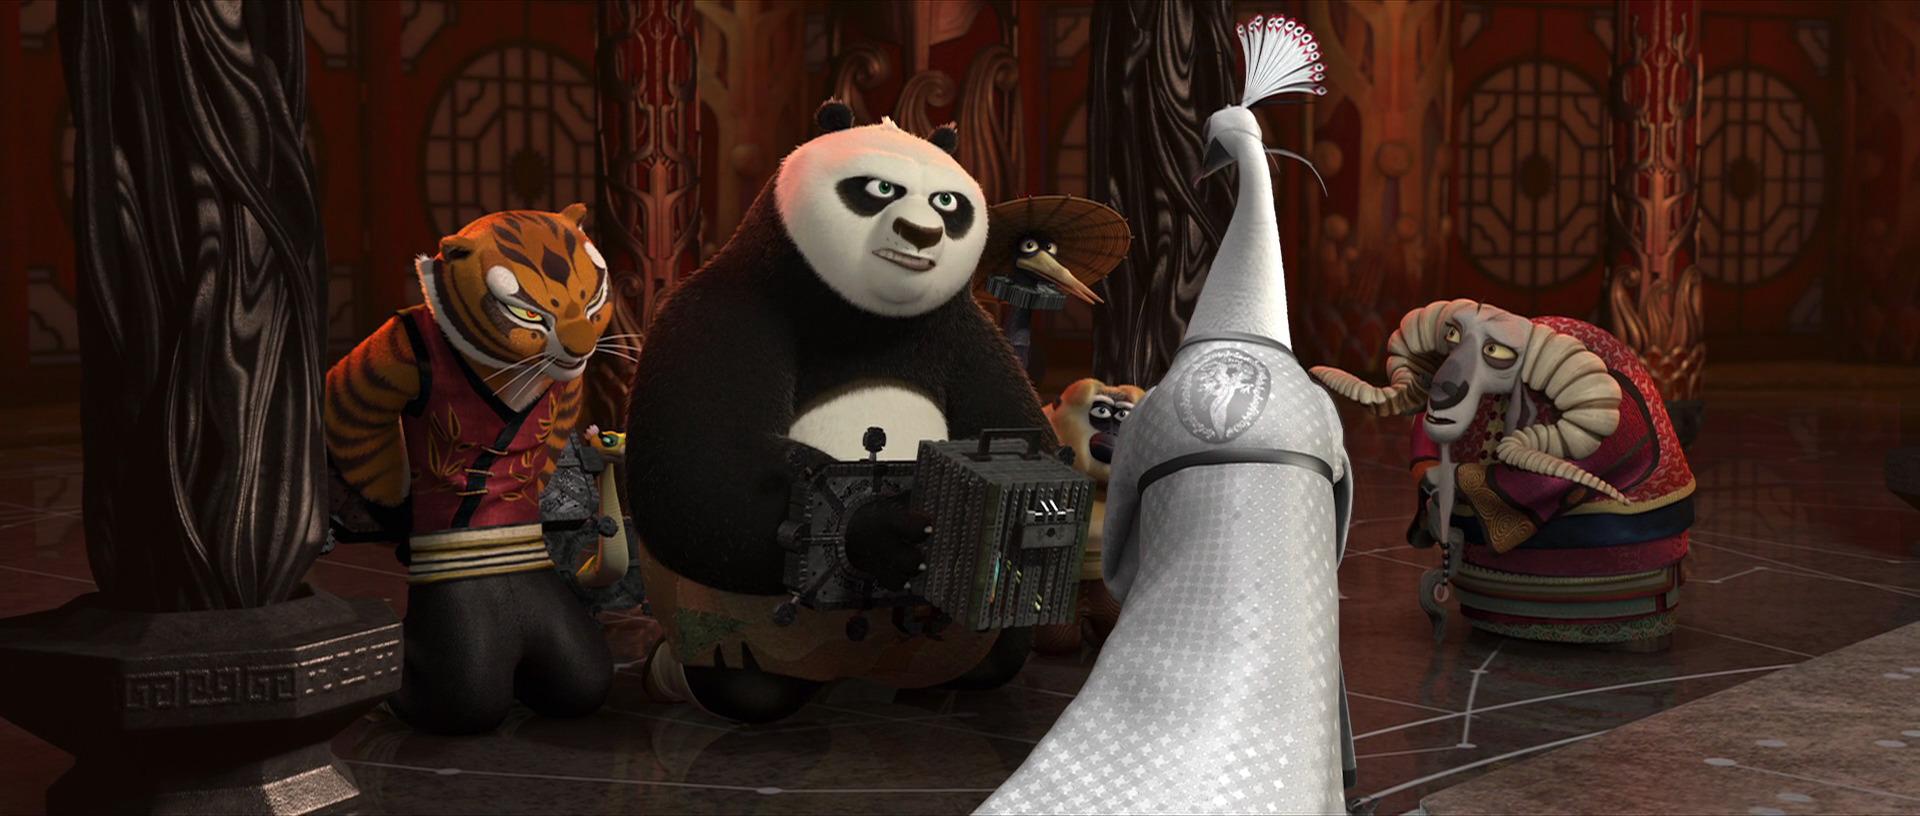 Image - Meet shen.jpg   Kung Fu Panda Wiki   Fandom ...